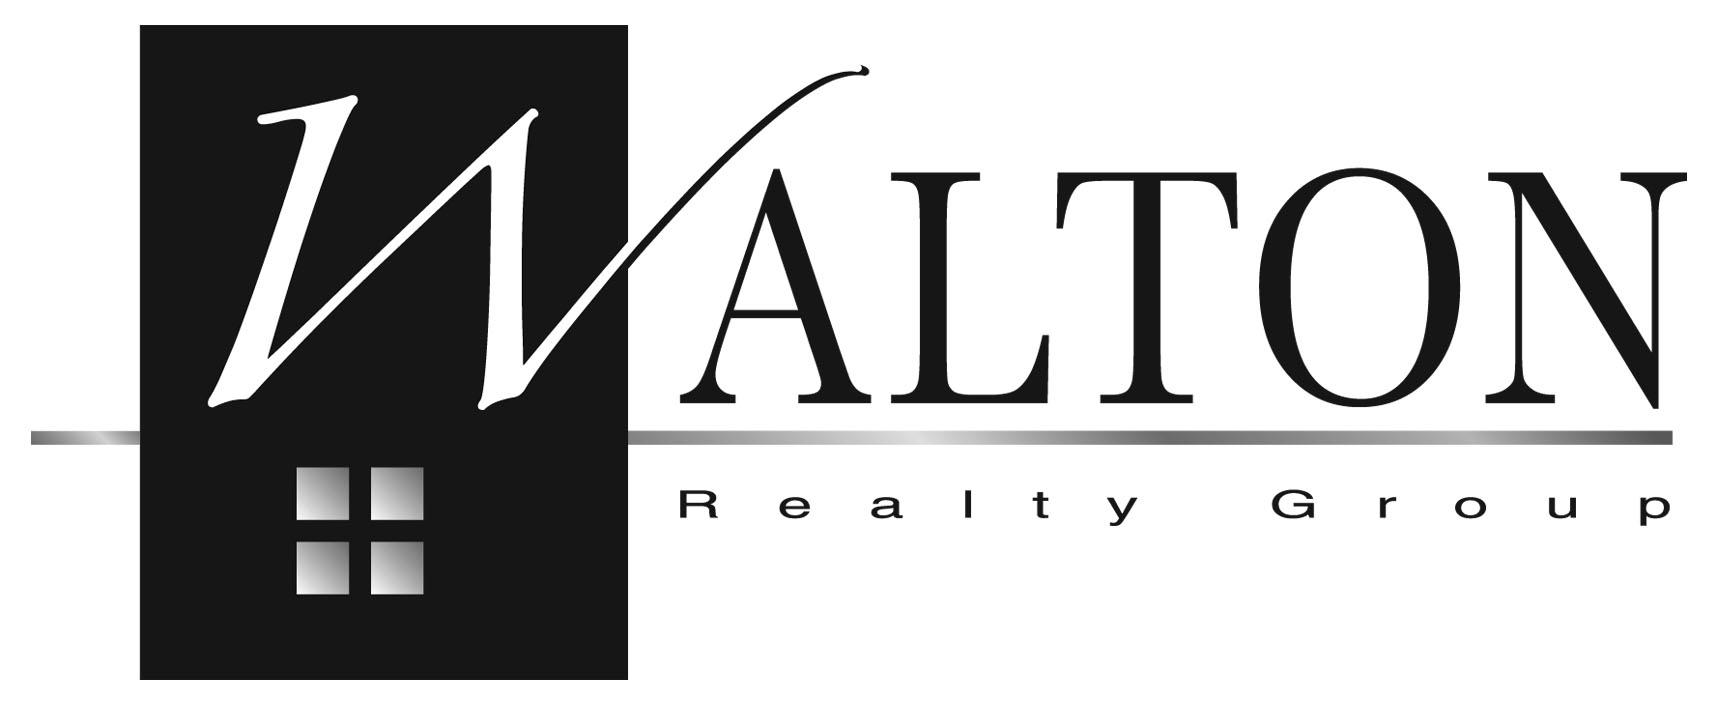 Walton Realty